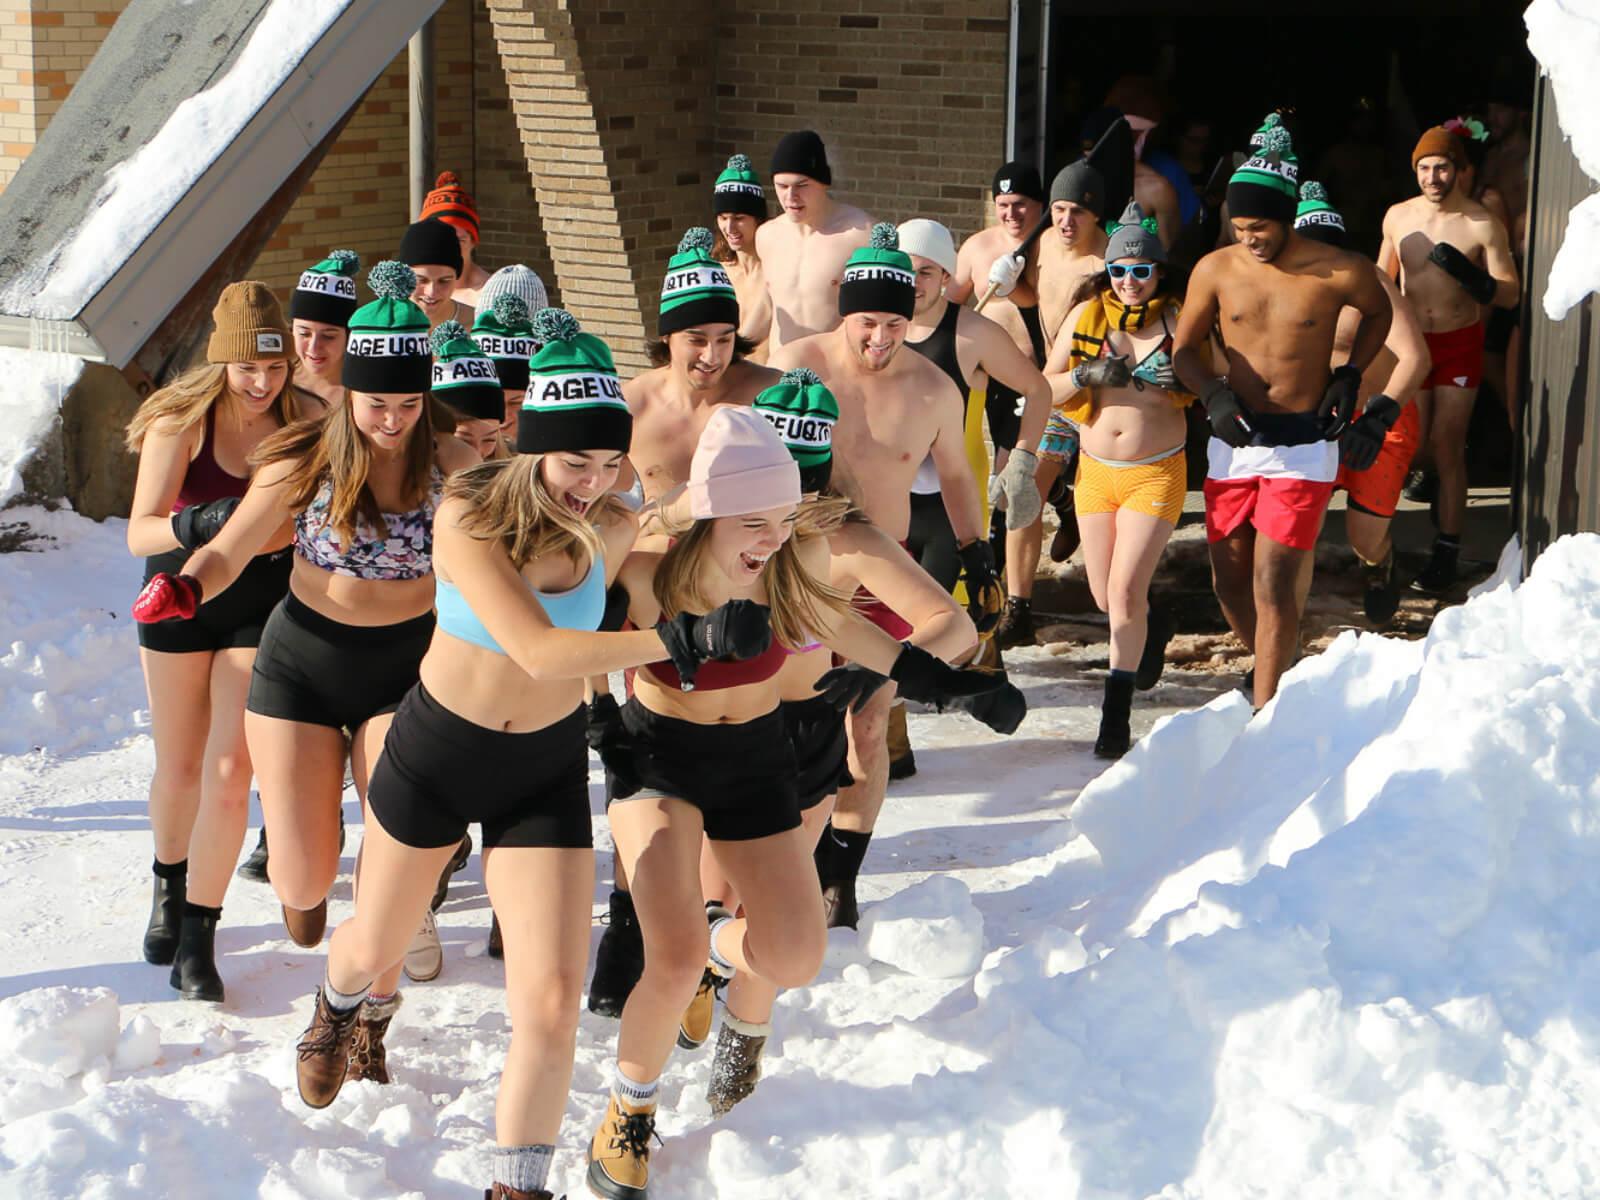 En images : des moments trippants au Carnaval étudiant 2020